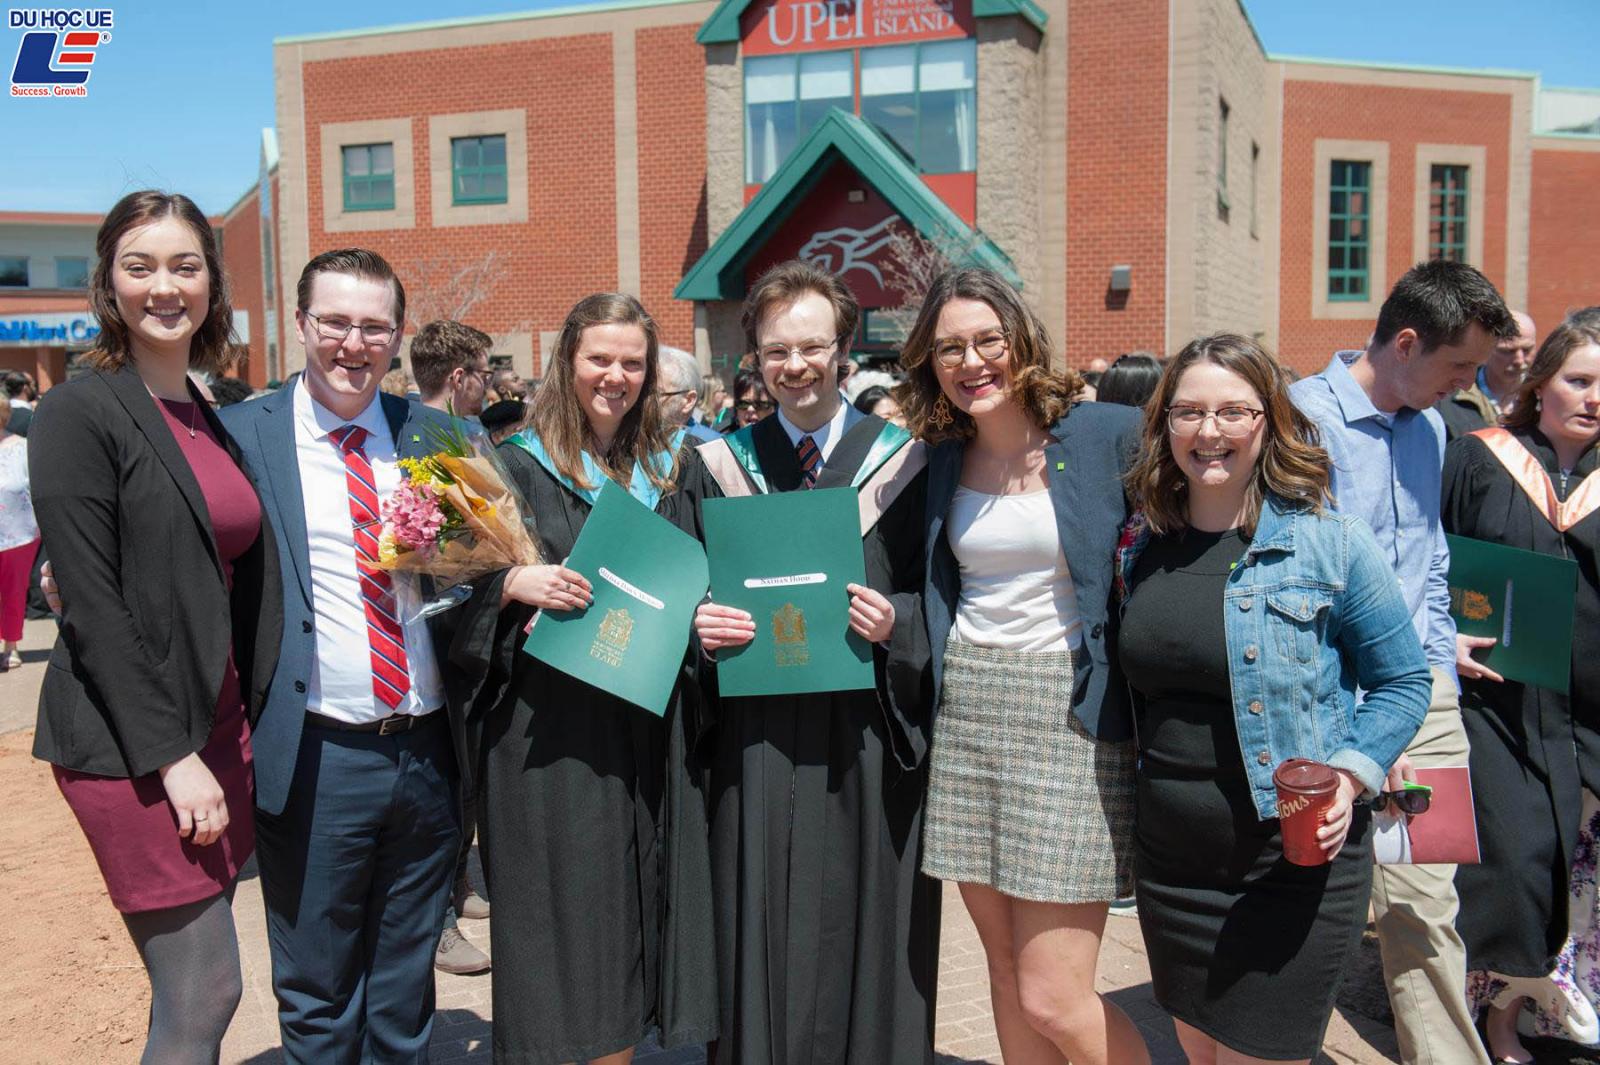 University of Prince Edward Island - Đại học lí tưởng tại vùng đảo Edward Island, Canada 4